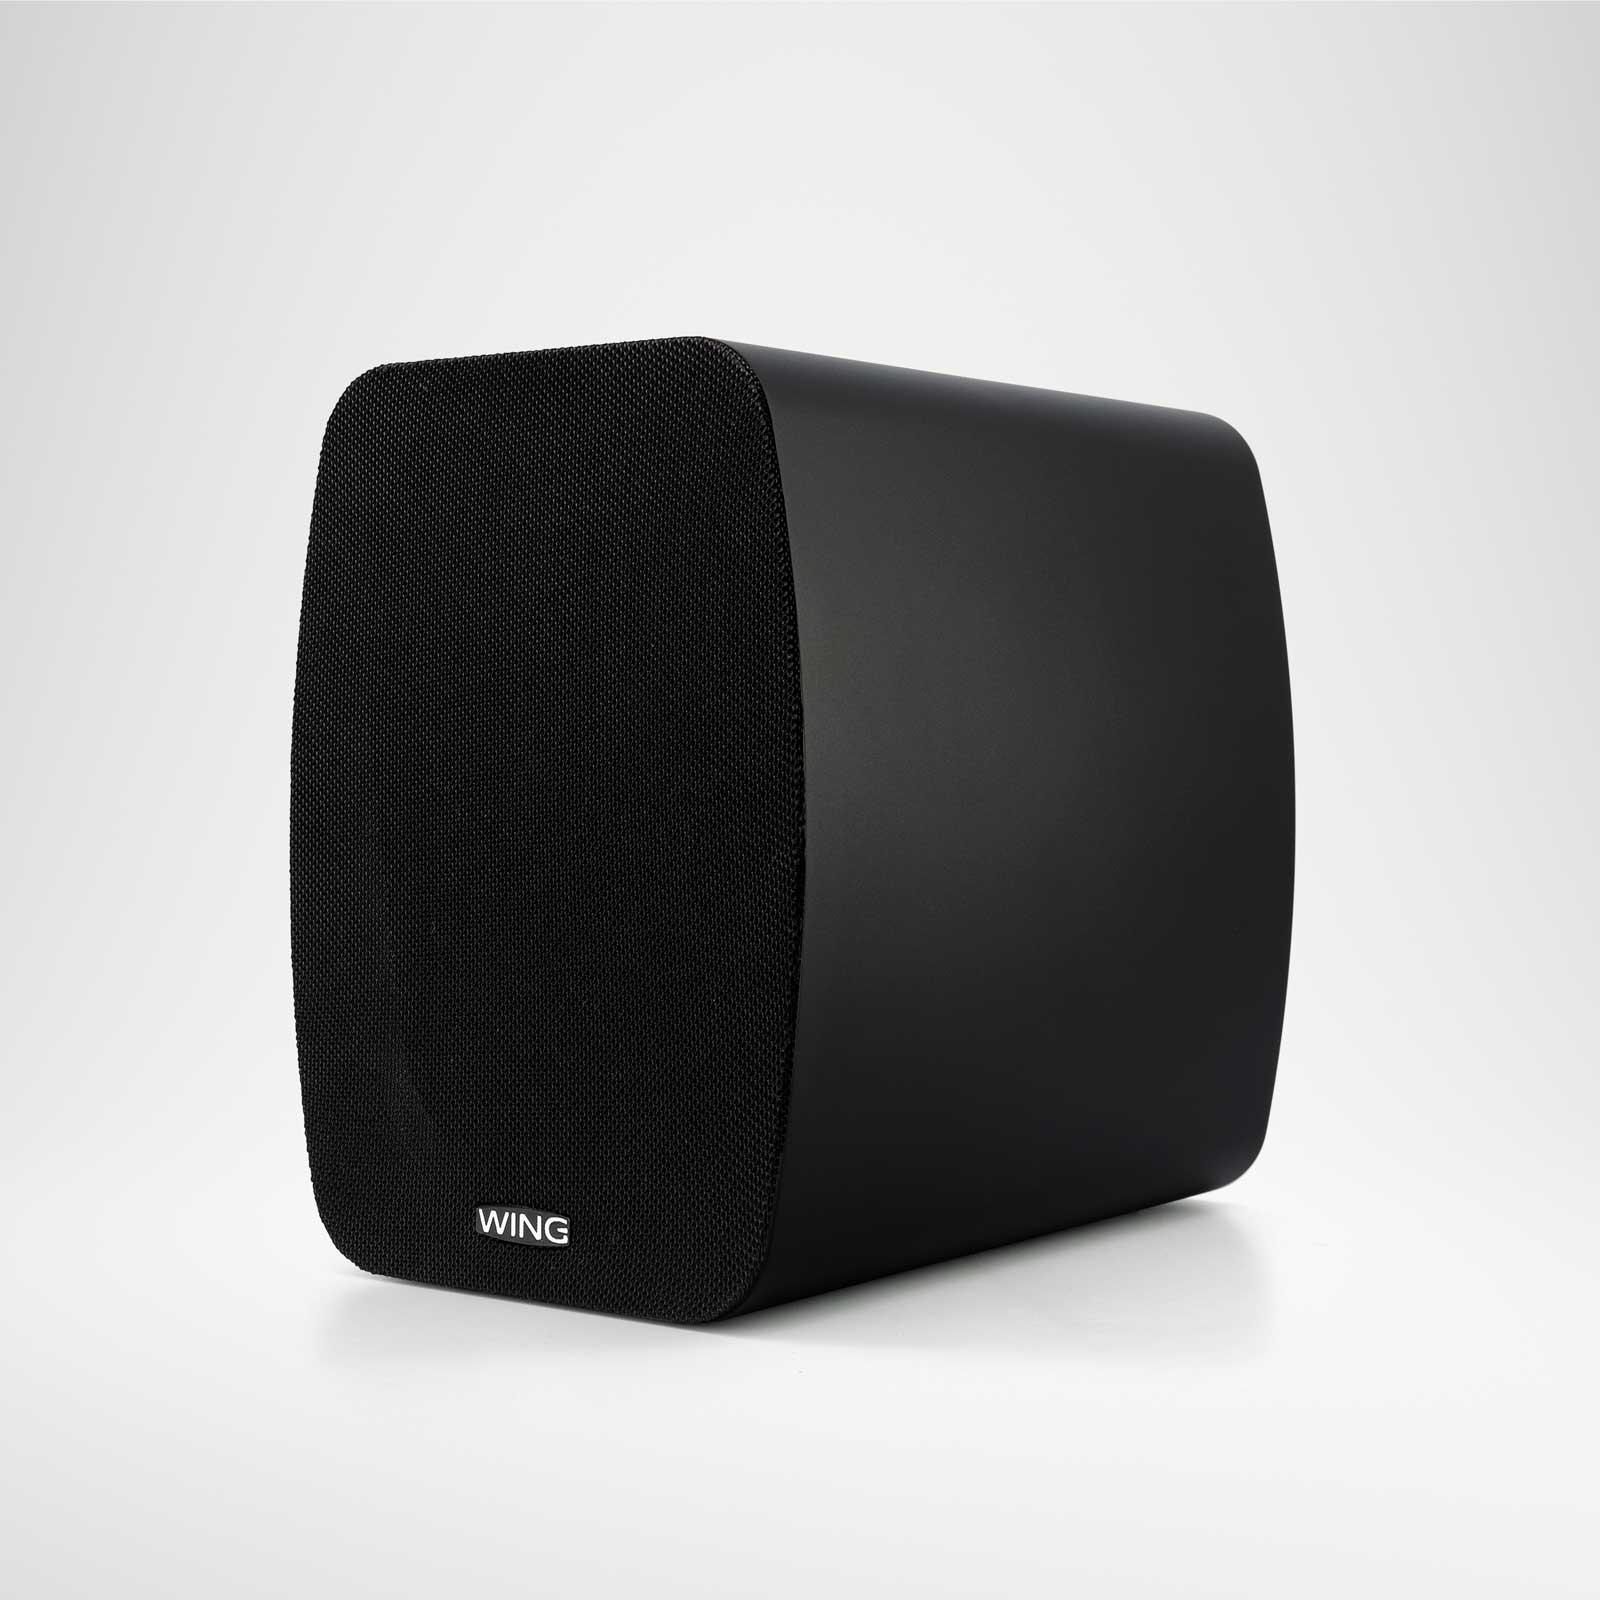 Wing Shelf speakers